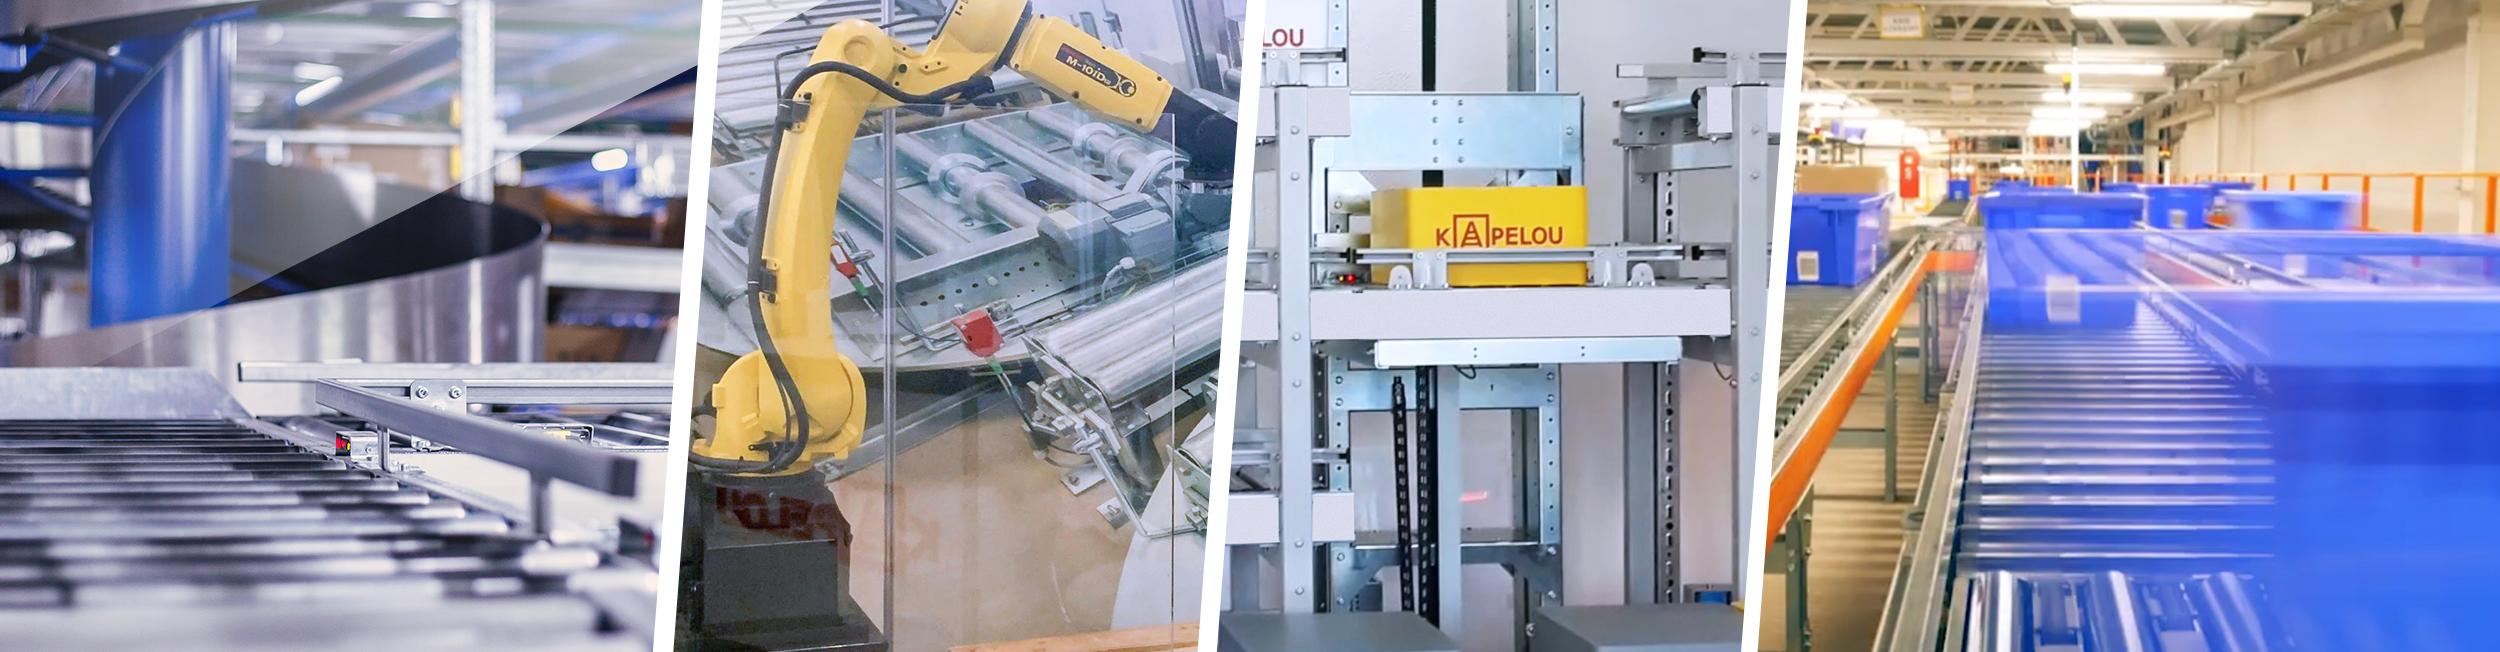 About company - 11 - kapelou.com